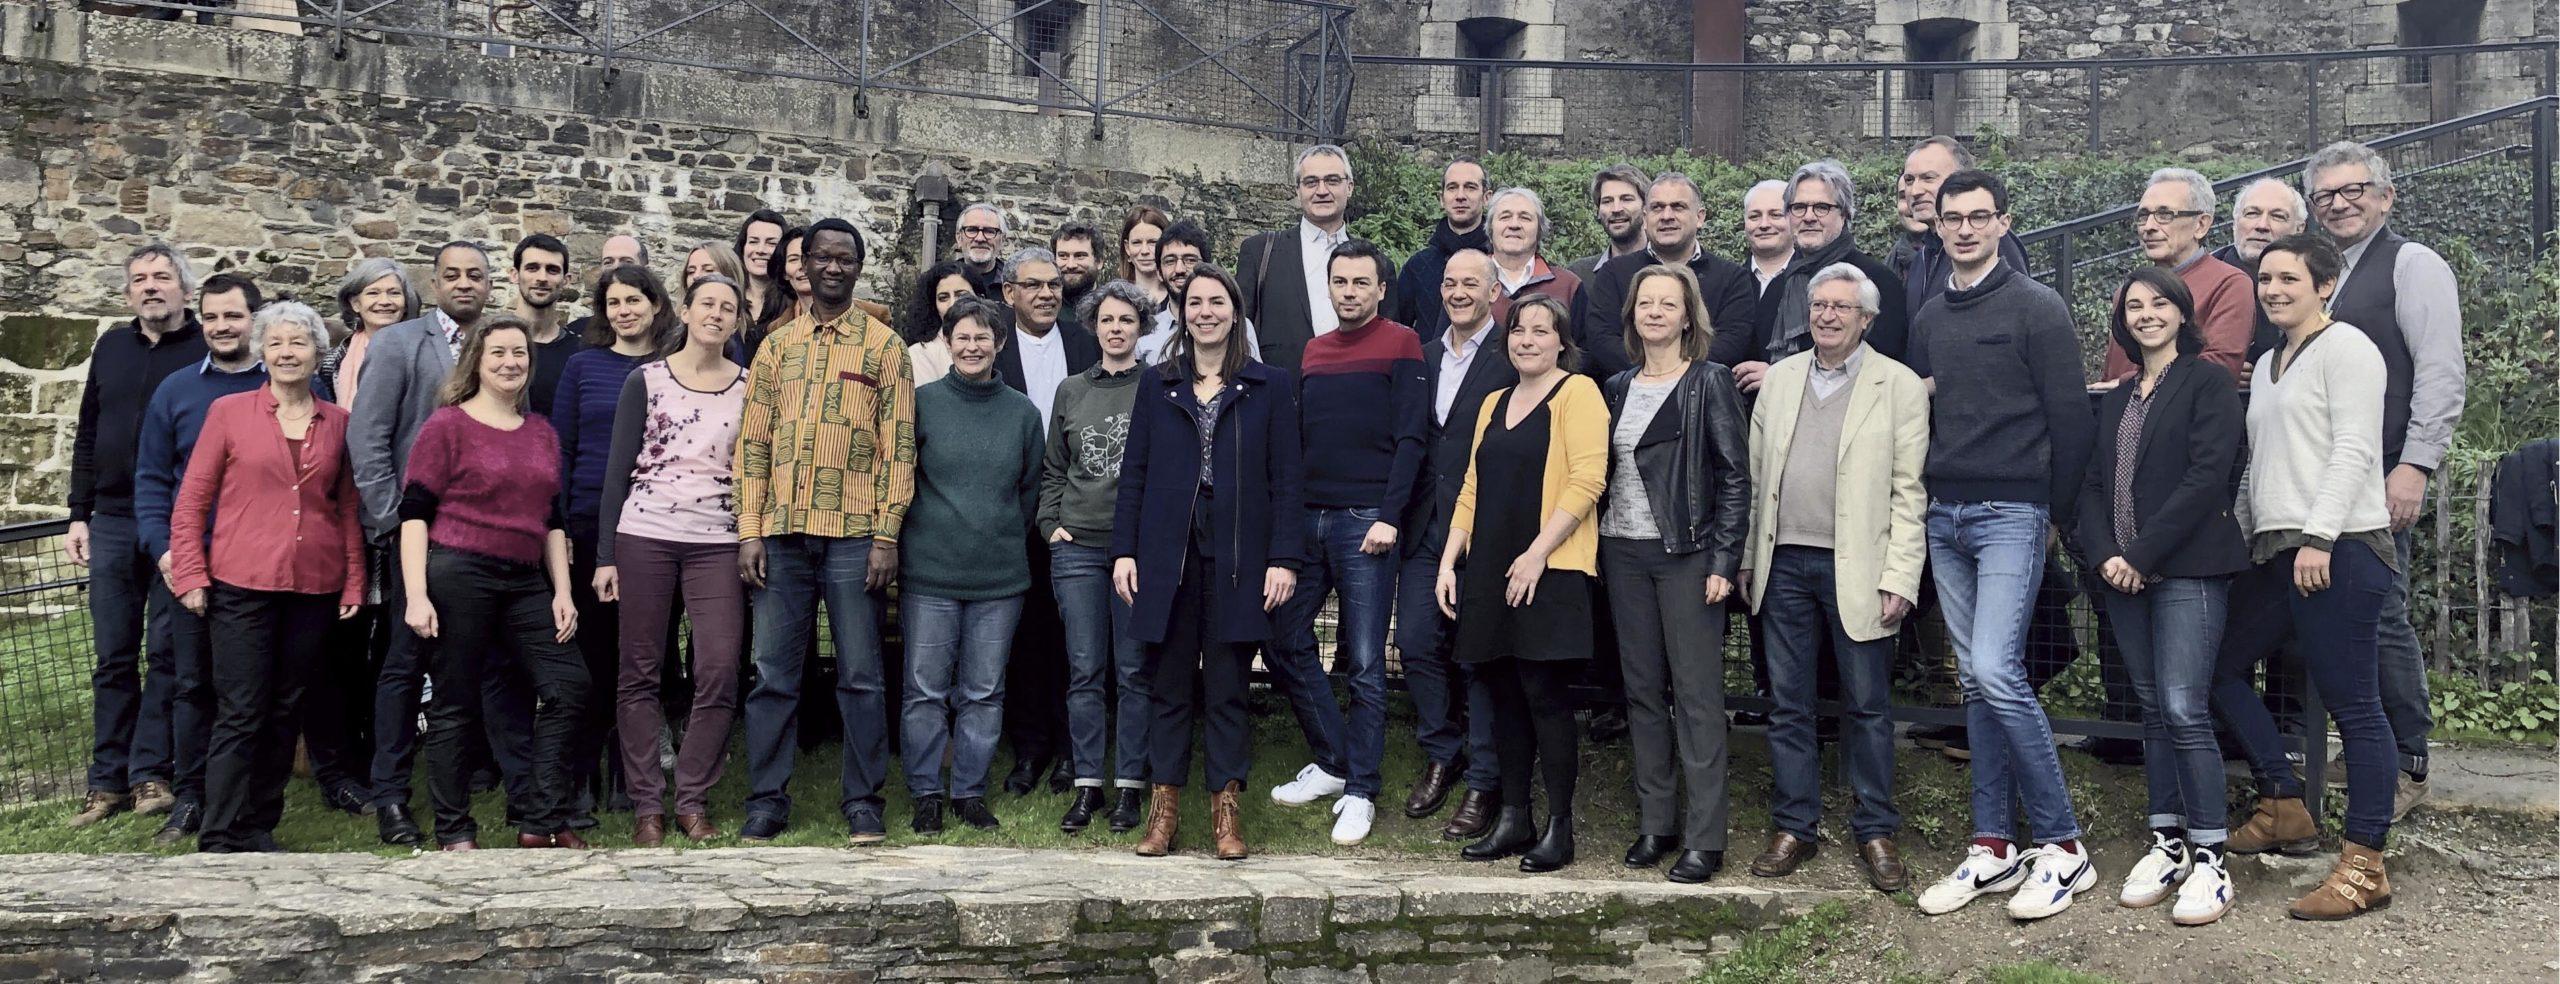 Julie Laernoes, tête de liste écologiste, solidaire et citoyen pour les municipales 2020 à Nantes